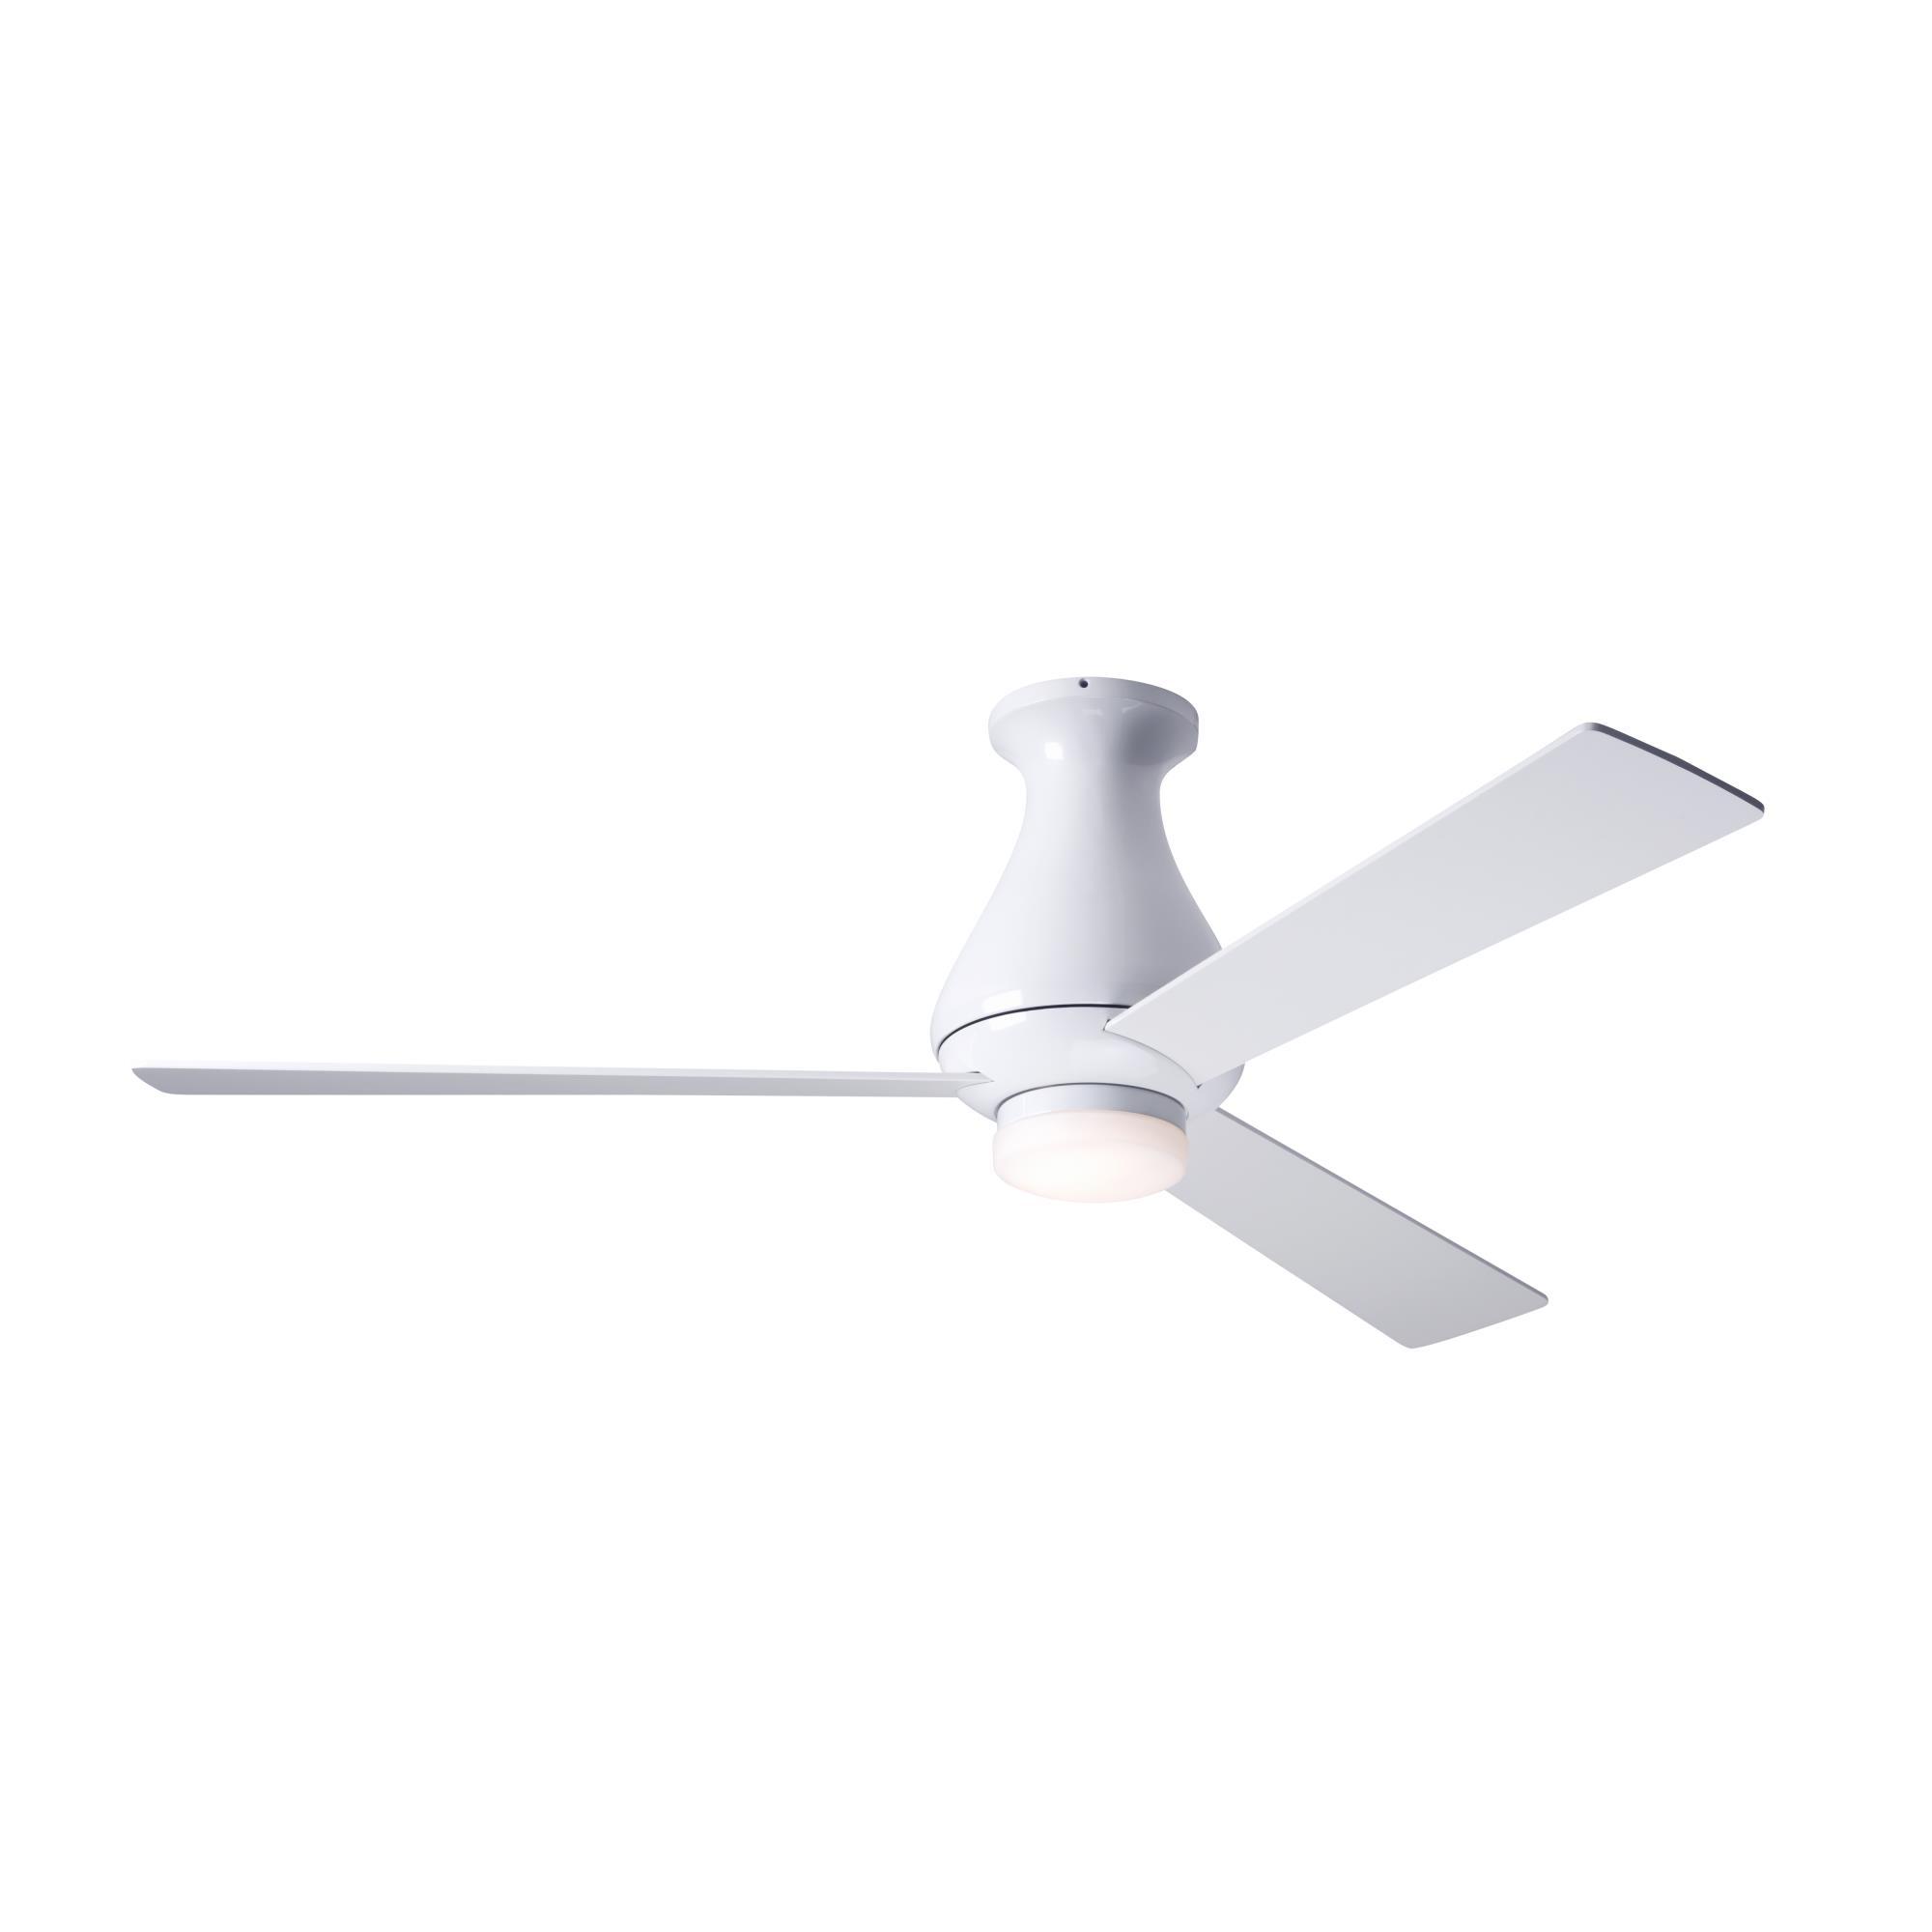 Altus 42 Inch Flush Mount Fan